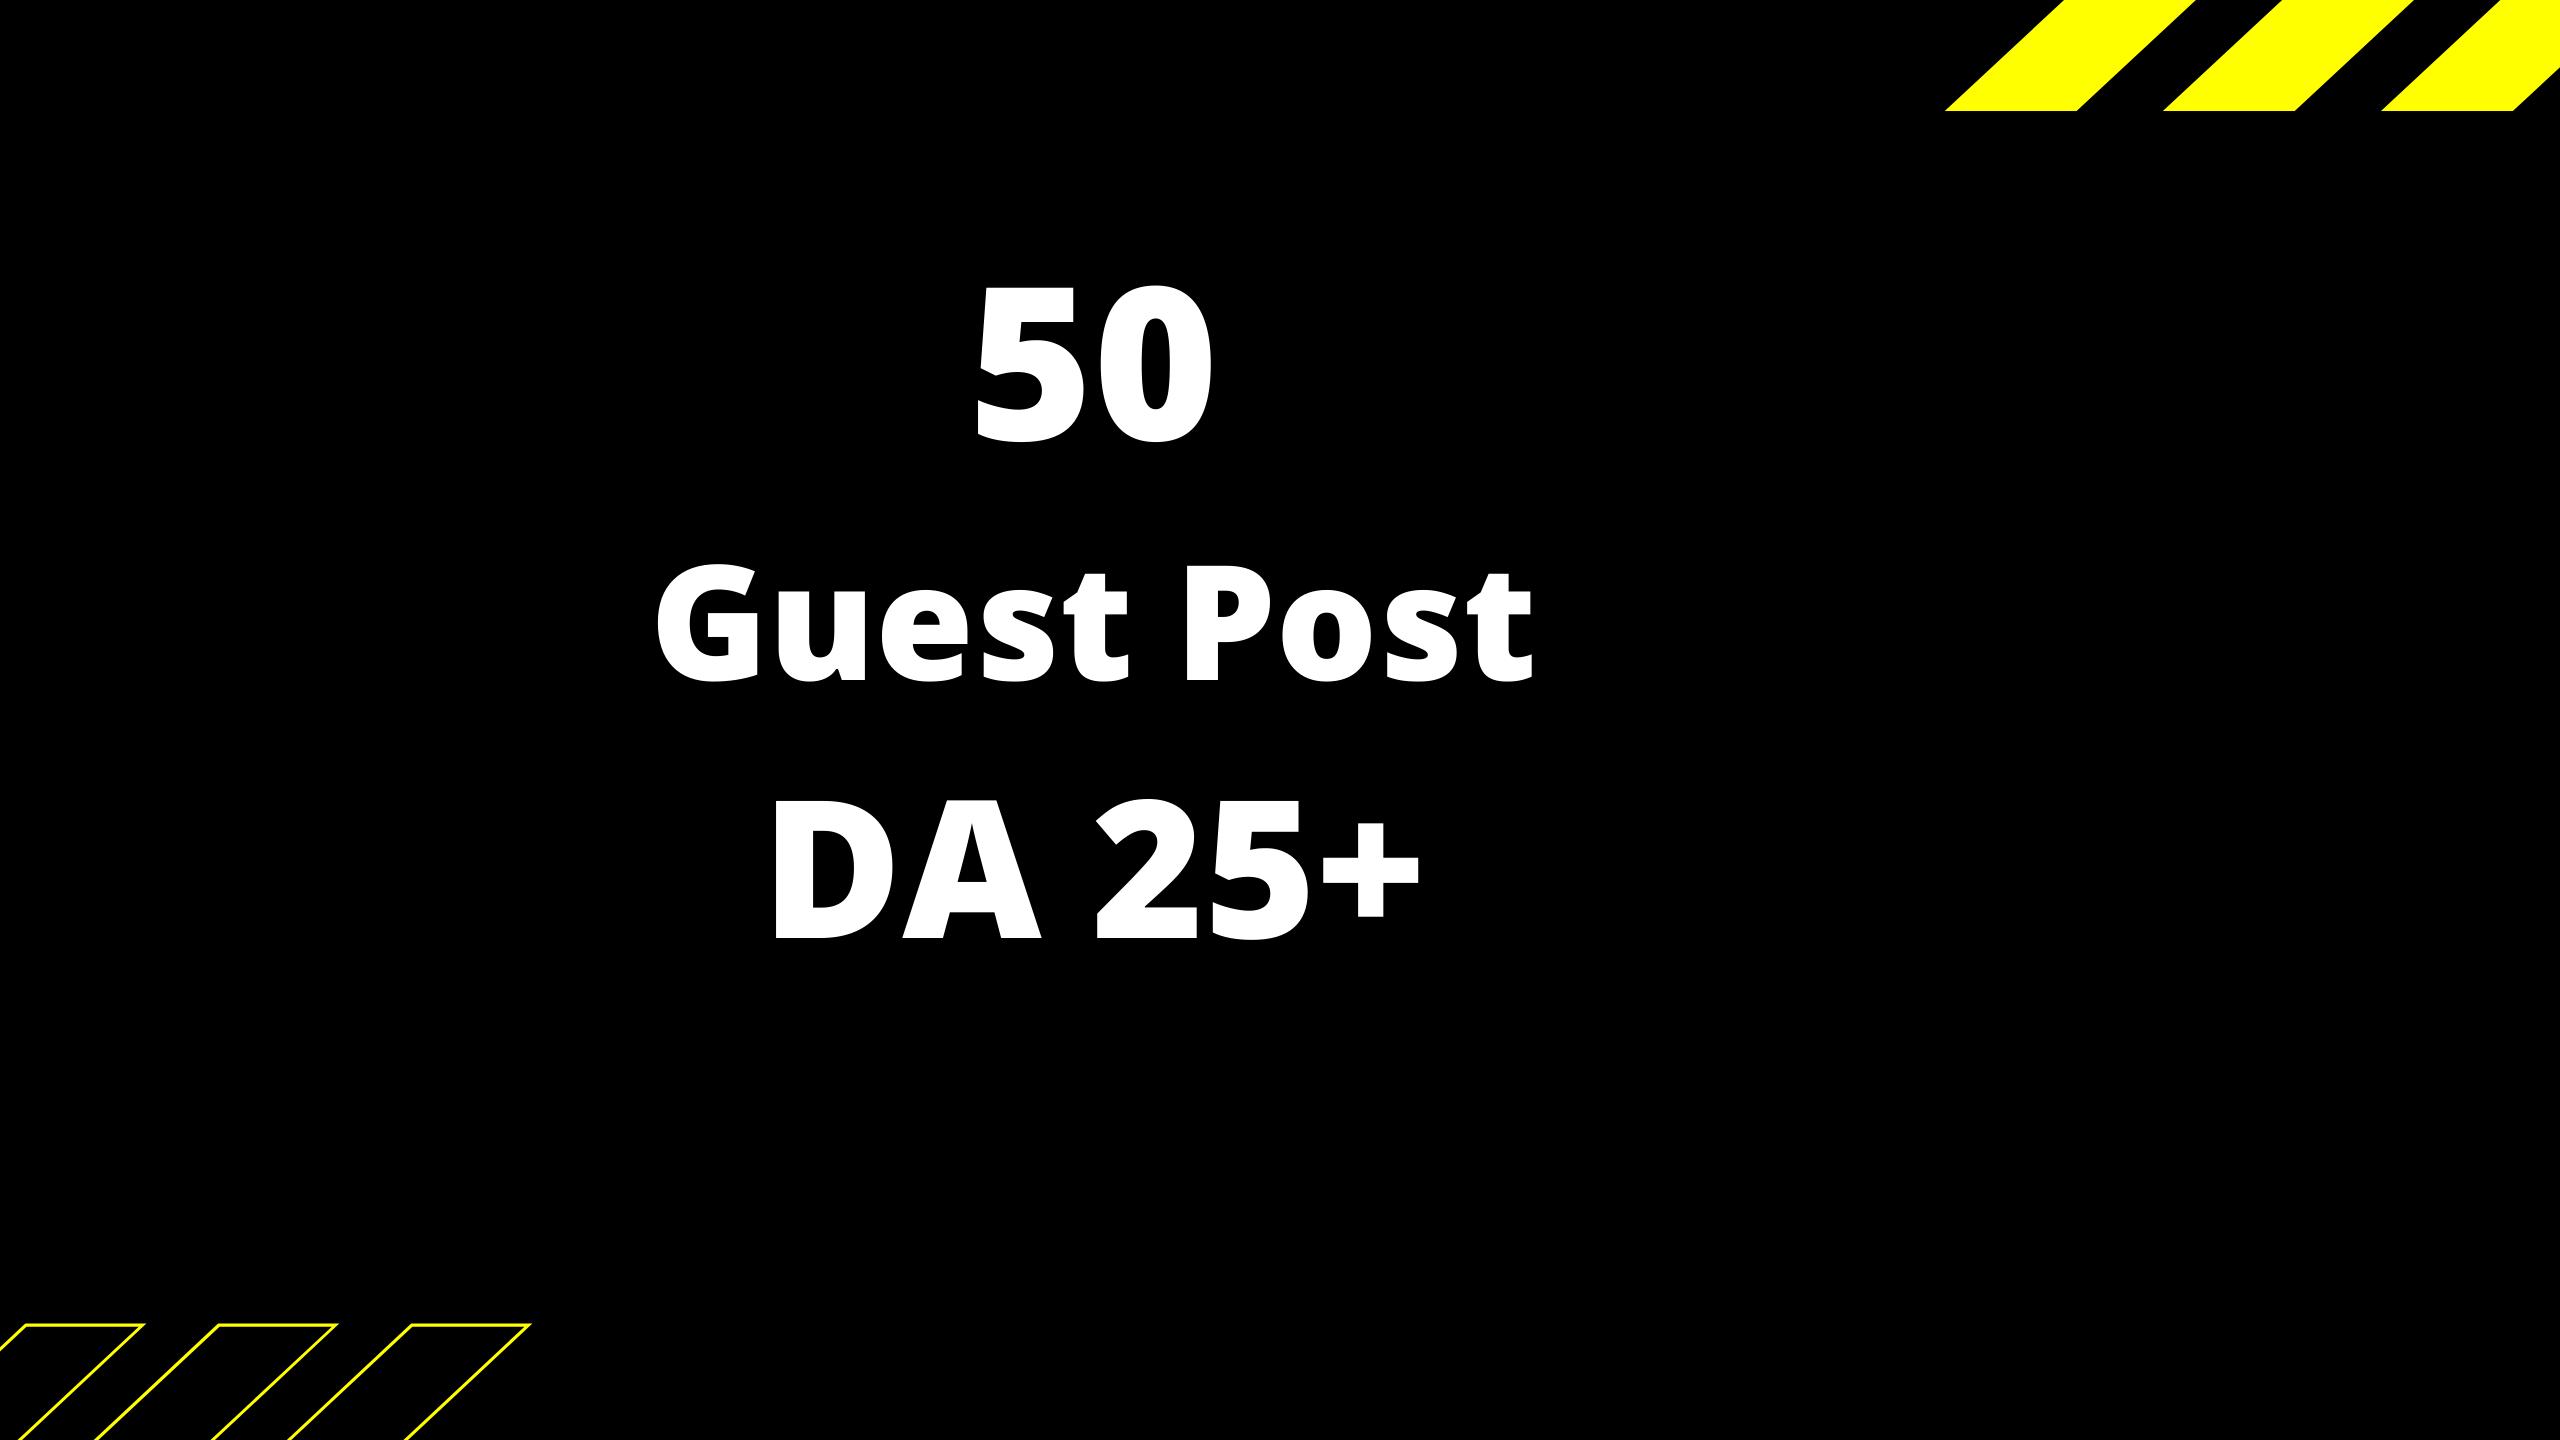 Get 5 guest post unique and actual websites DA 25+ granted.